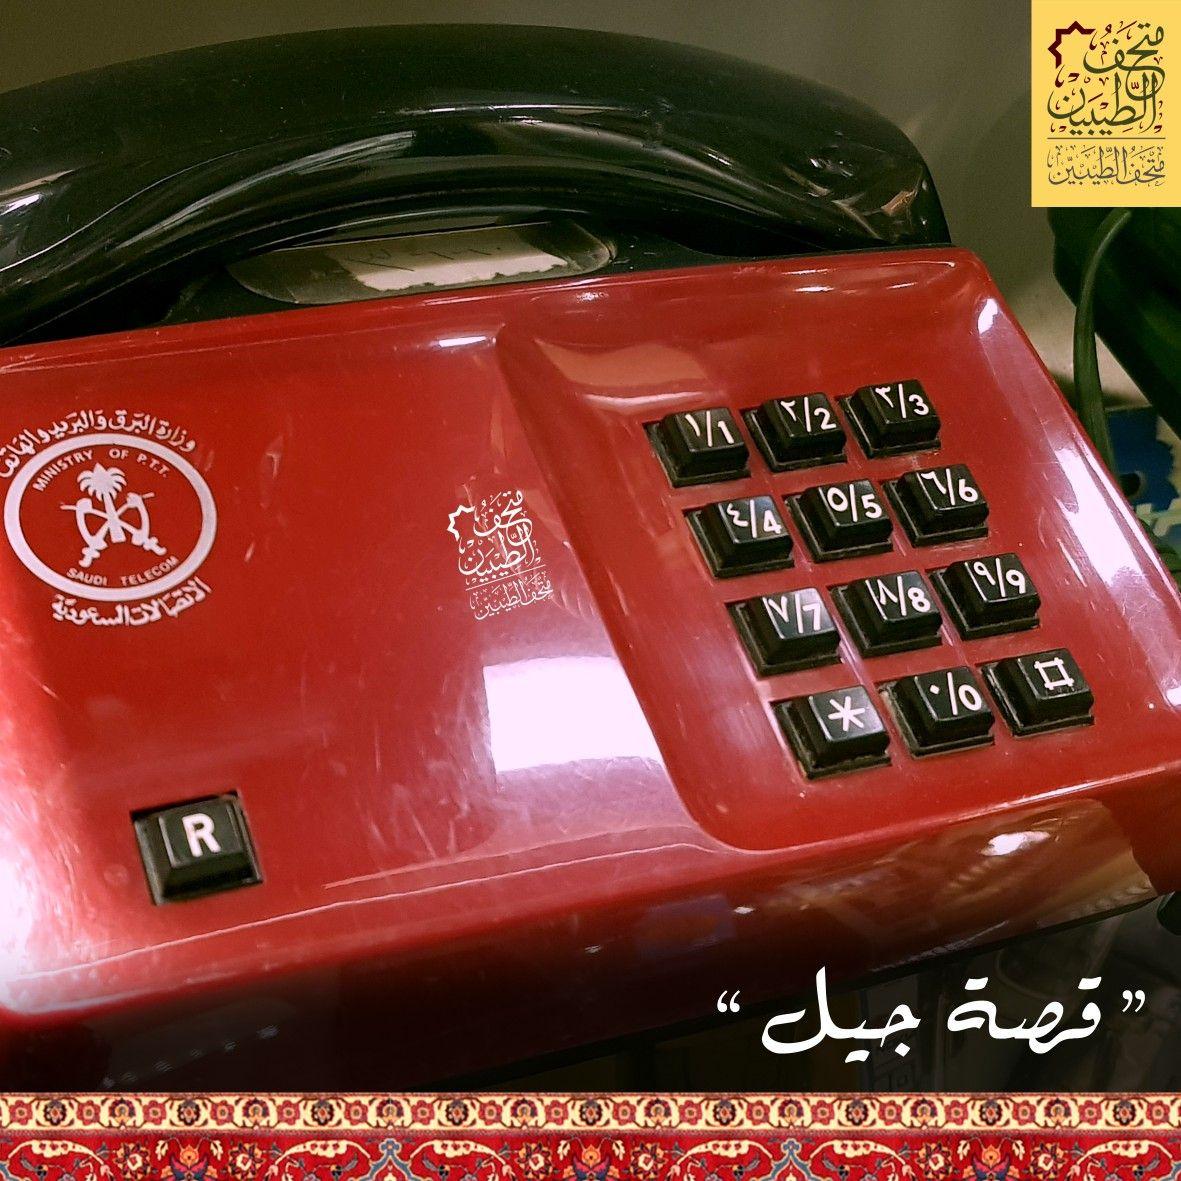 ذكريات هاتف ايام الطيبين الجميلة قصة جيل متحف الطيبين زمان ذكريات الطيبين راحوا الطيبين الخبر ذكريات زمان العاب Phone Desk Phone Landline Phone